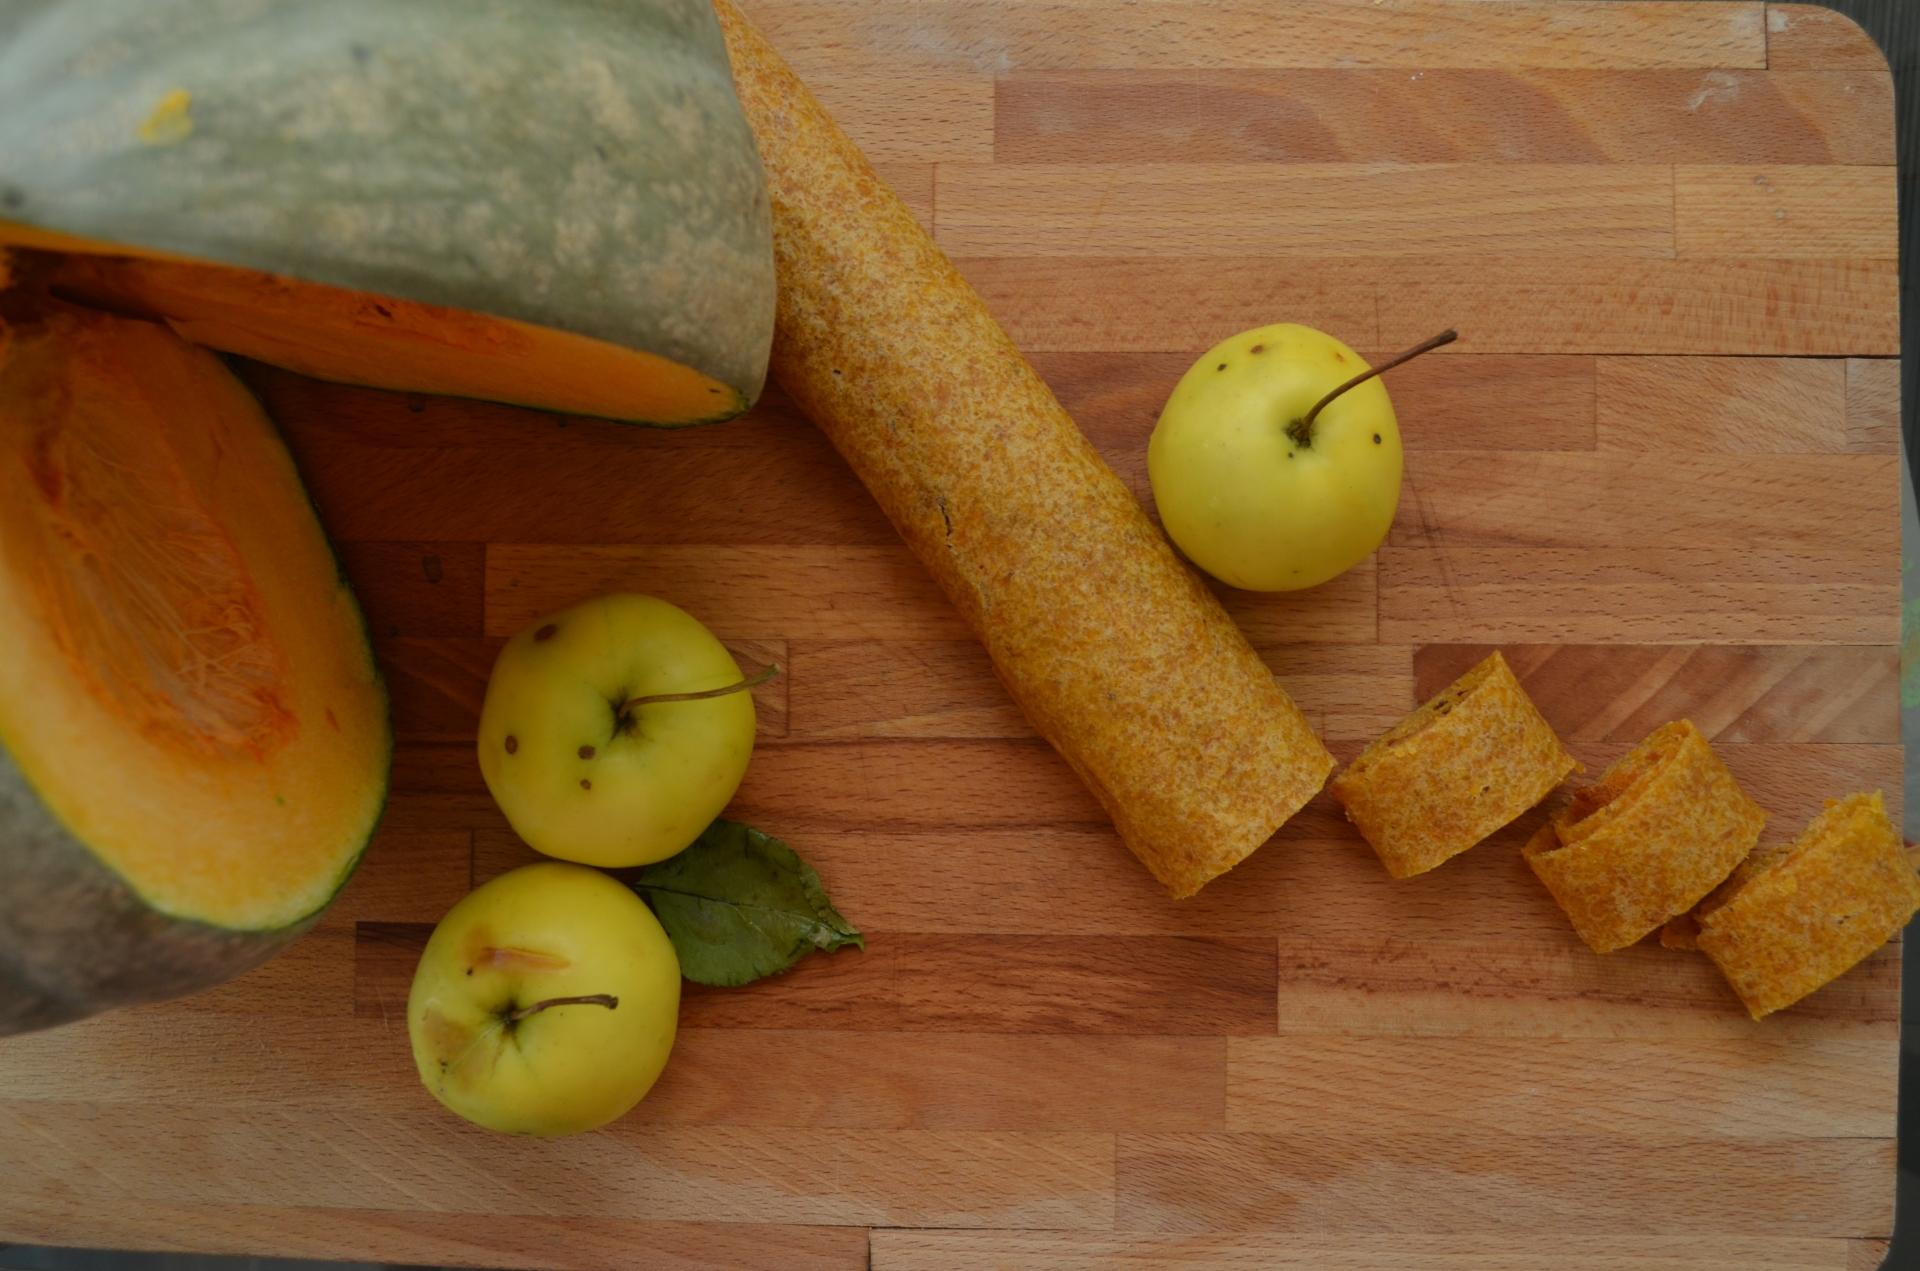 Пастила из яблок в изидри в домашних условиях рецепт